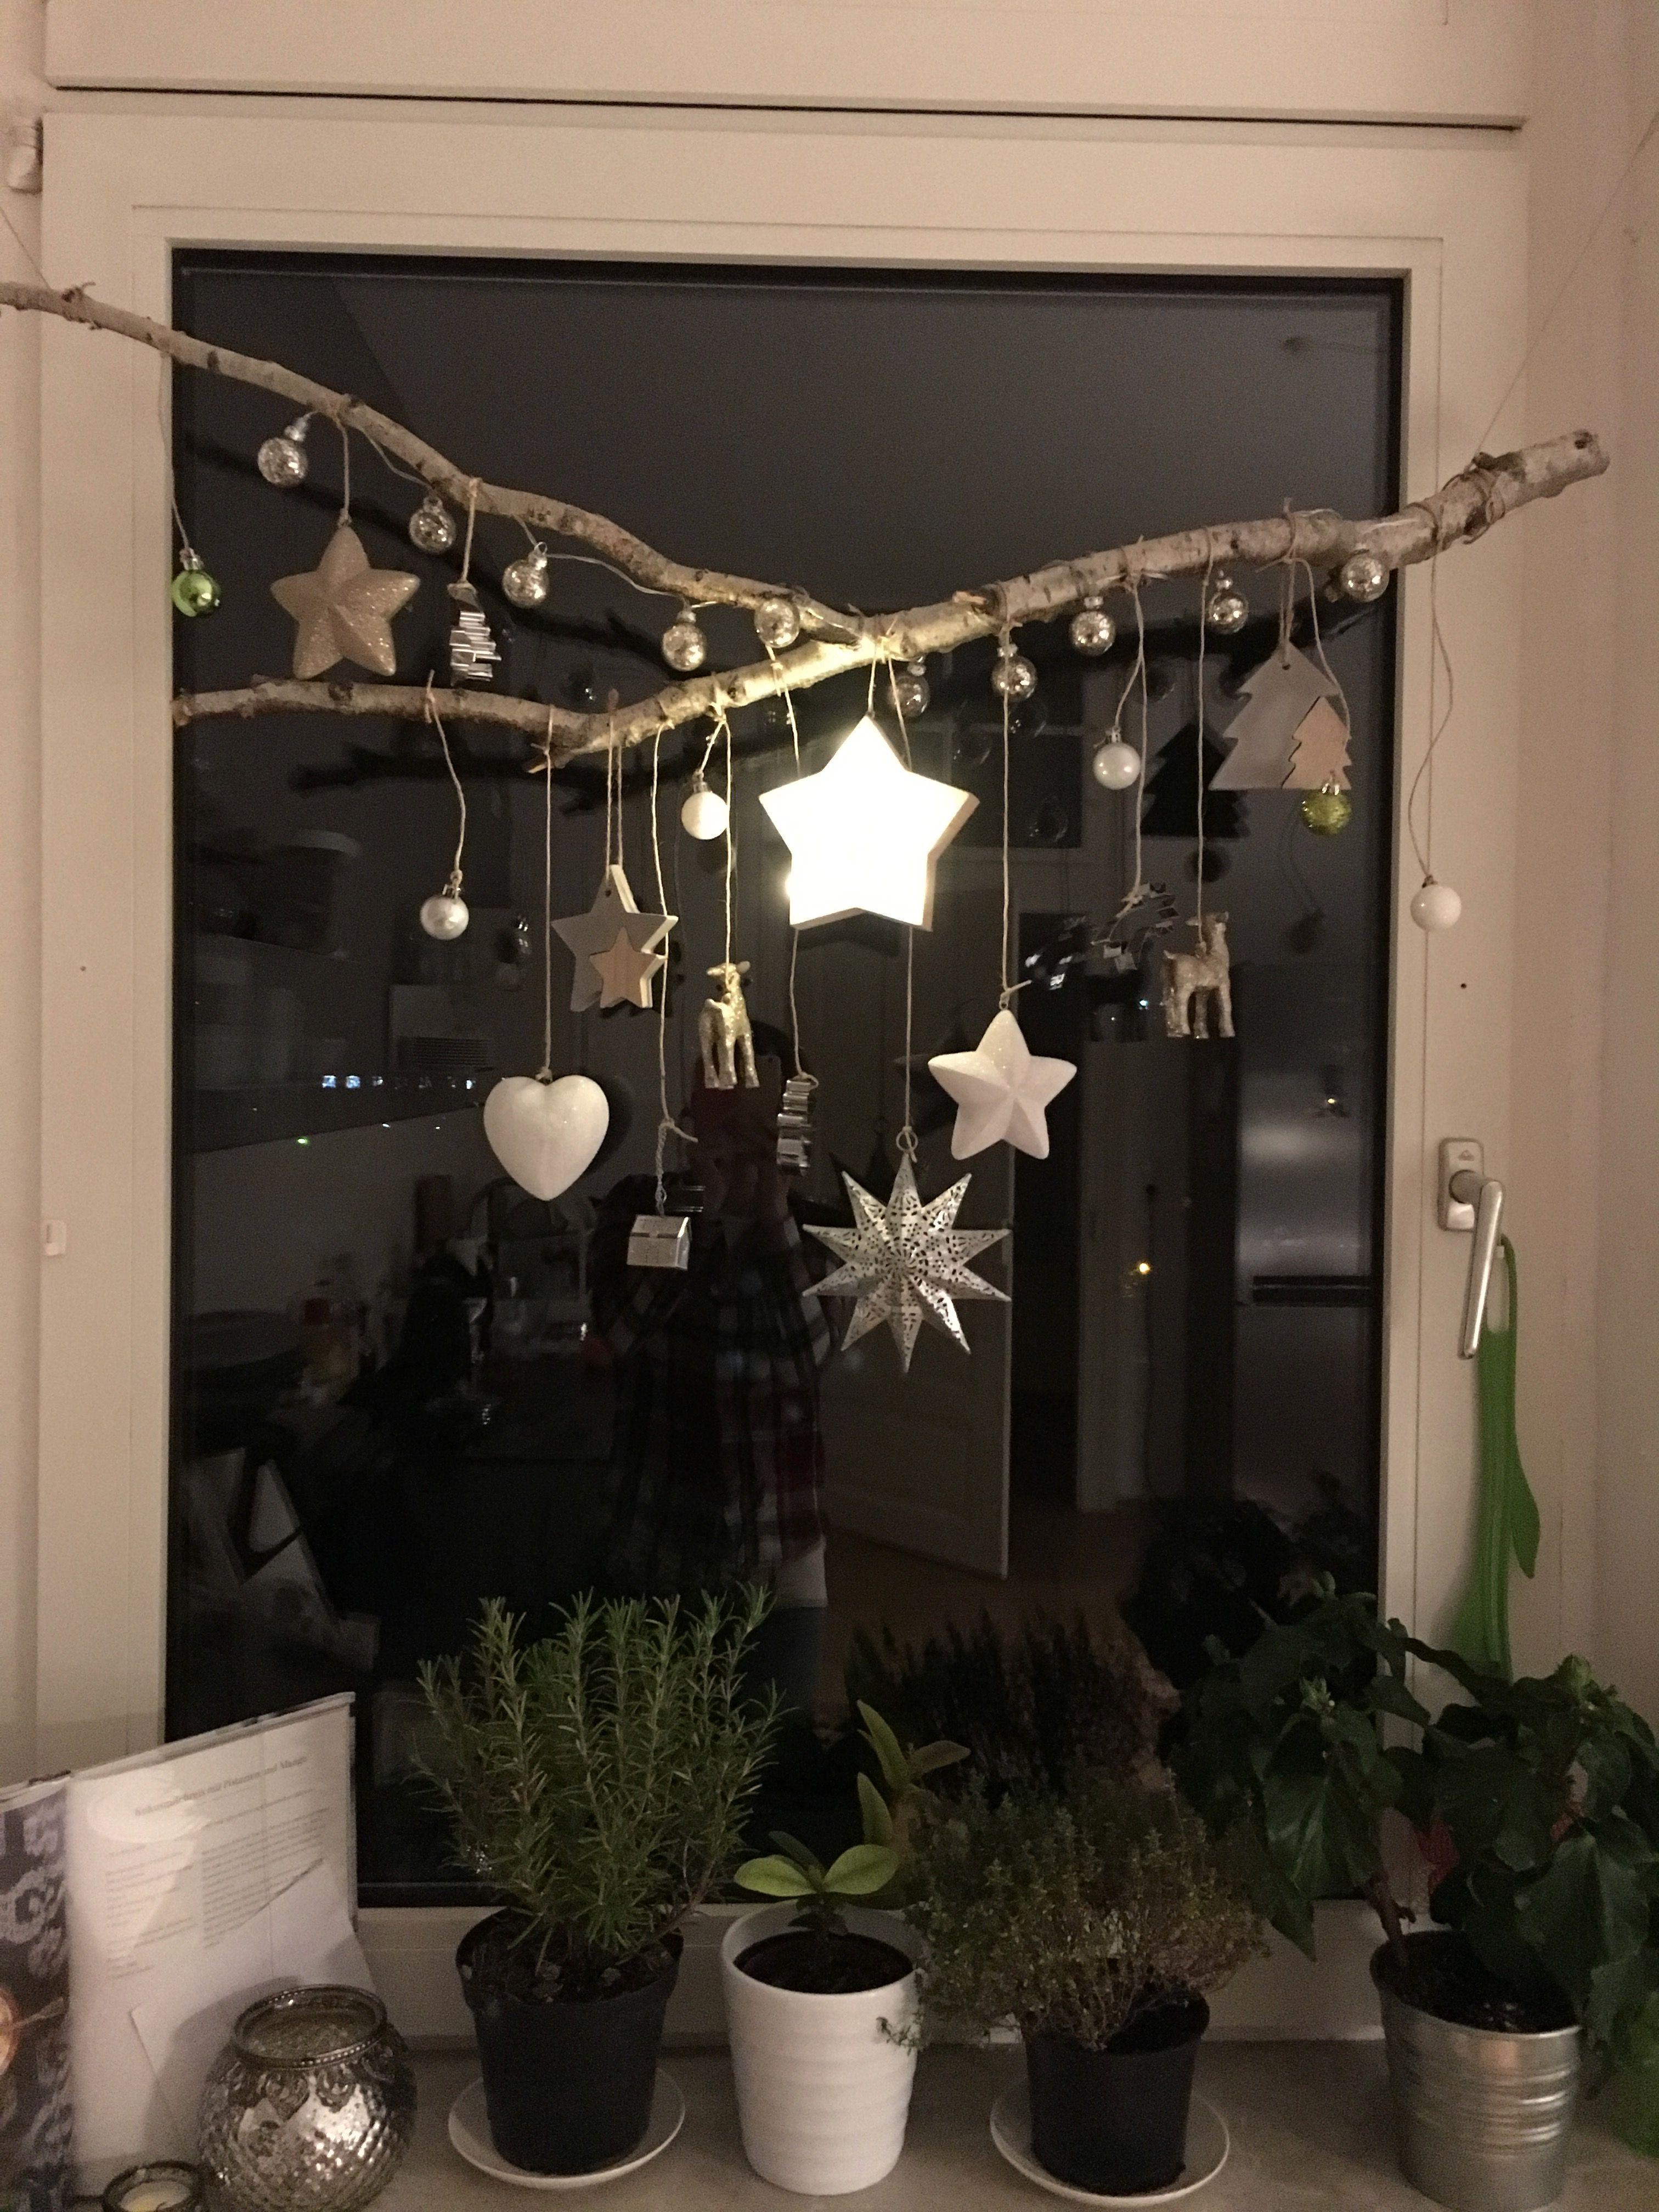 Kreativ gestalten: Schnapp dir einen schönen Birken-Ast und häng alles mögliche ran, was dir gefällt: von Sternen über Kugeln und Lichtern bis hin zu Plätzchenausstechern und schon hast du einen Hingucker für dein Fenster! #weihnachtsdekodiyfenster